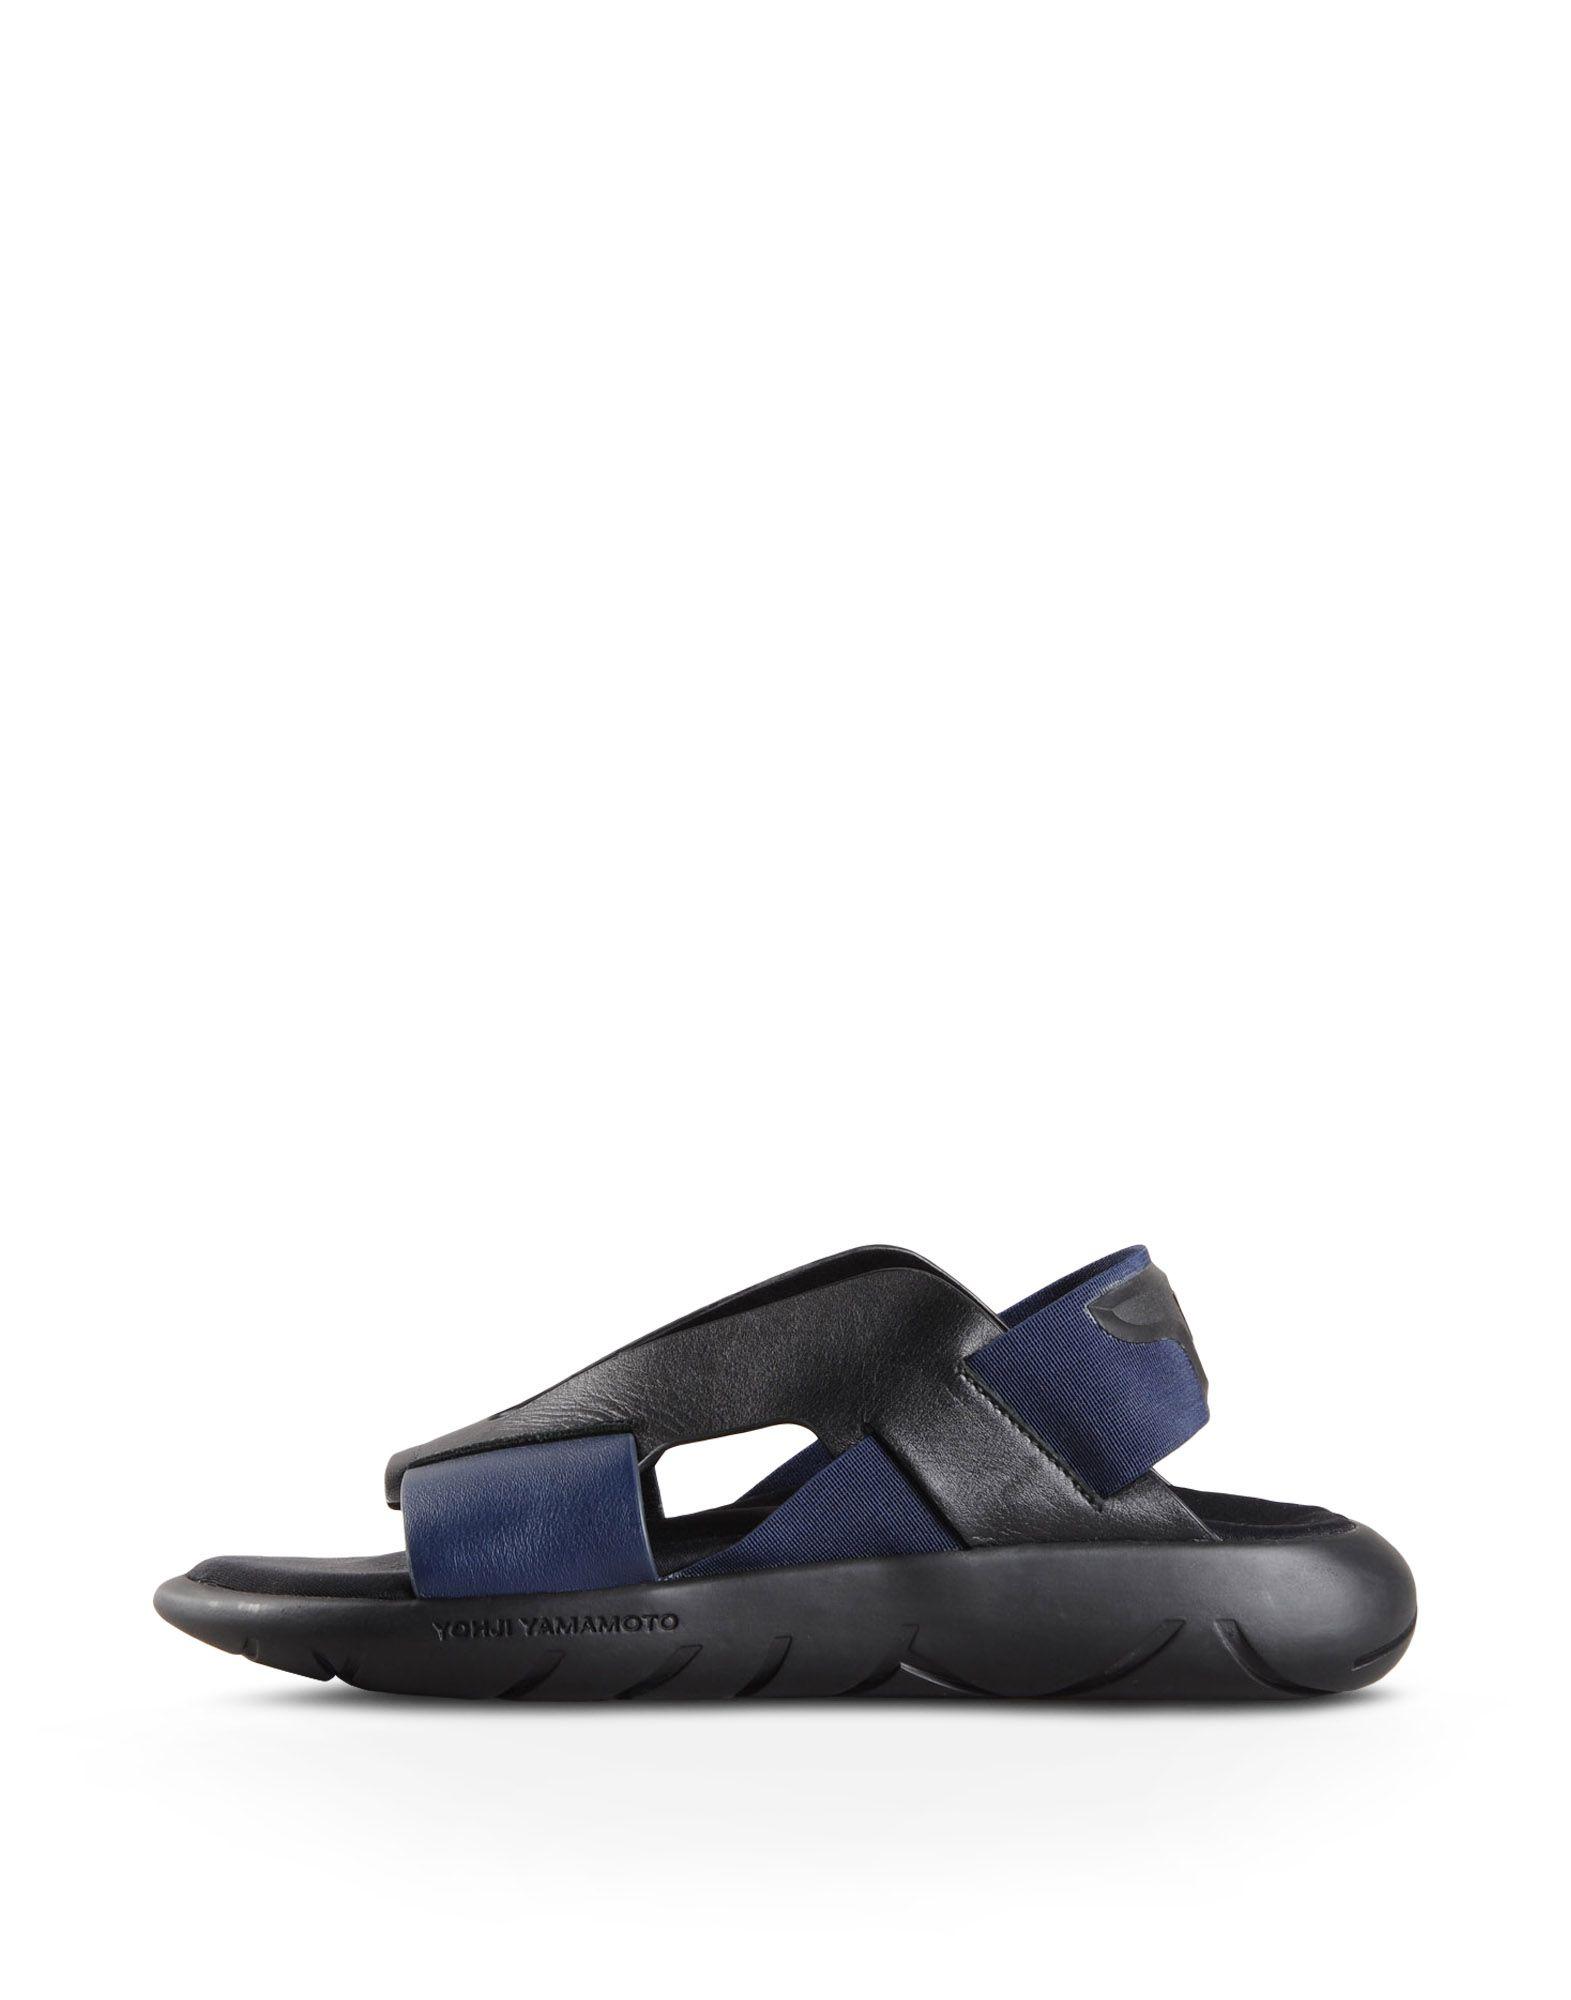 9b4b82b41 ... Y-3 Y-3 QASA ELLE SANDAL Sandals Woman f ...